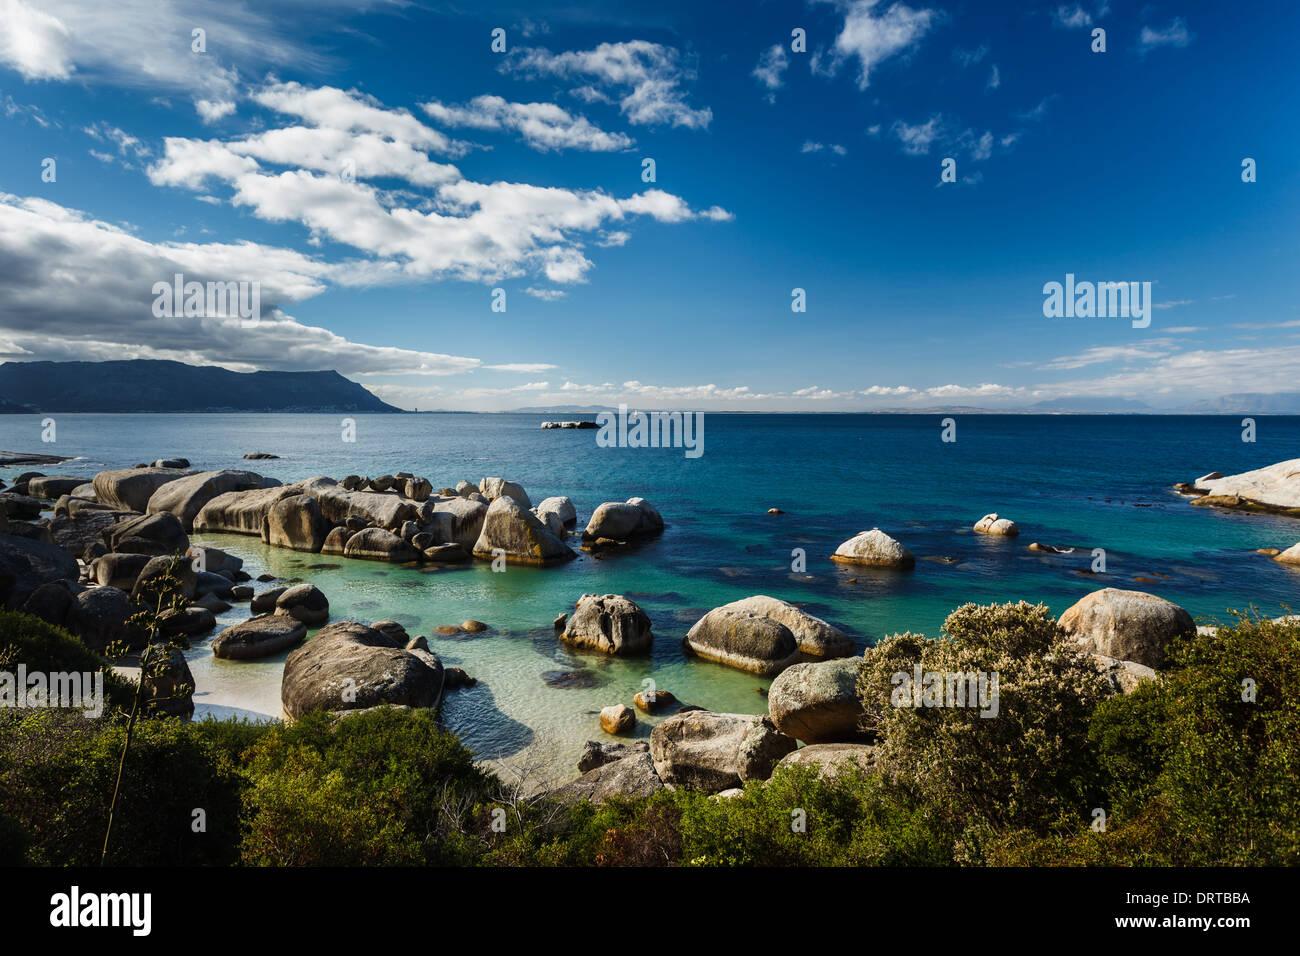 Vue paysage de manchot Spheniscus demersus reproduction côtières Photo Stock